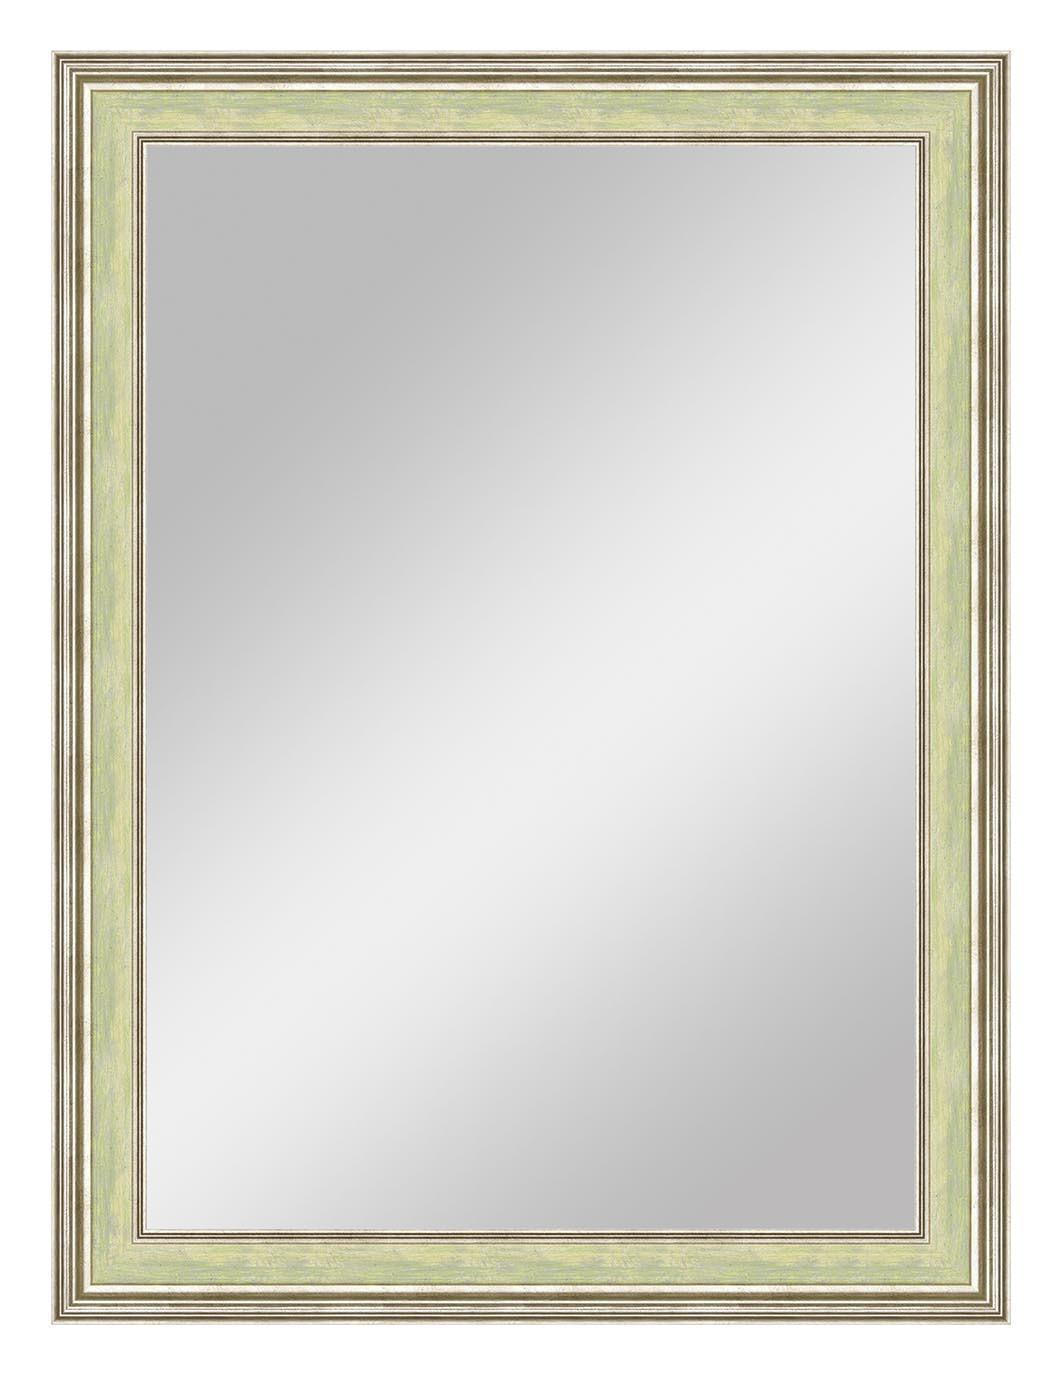 Купить Настенное зеркало Флорес , inmyroom, Россия